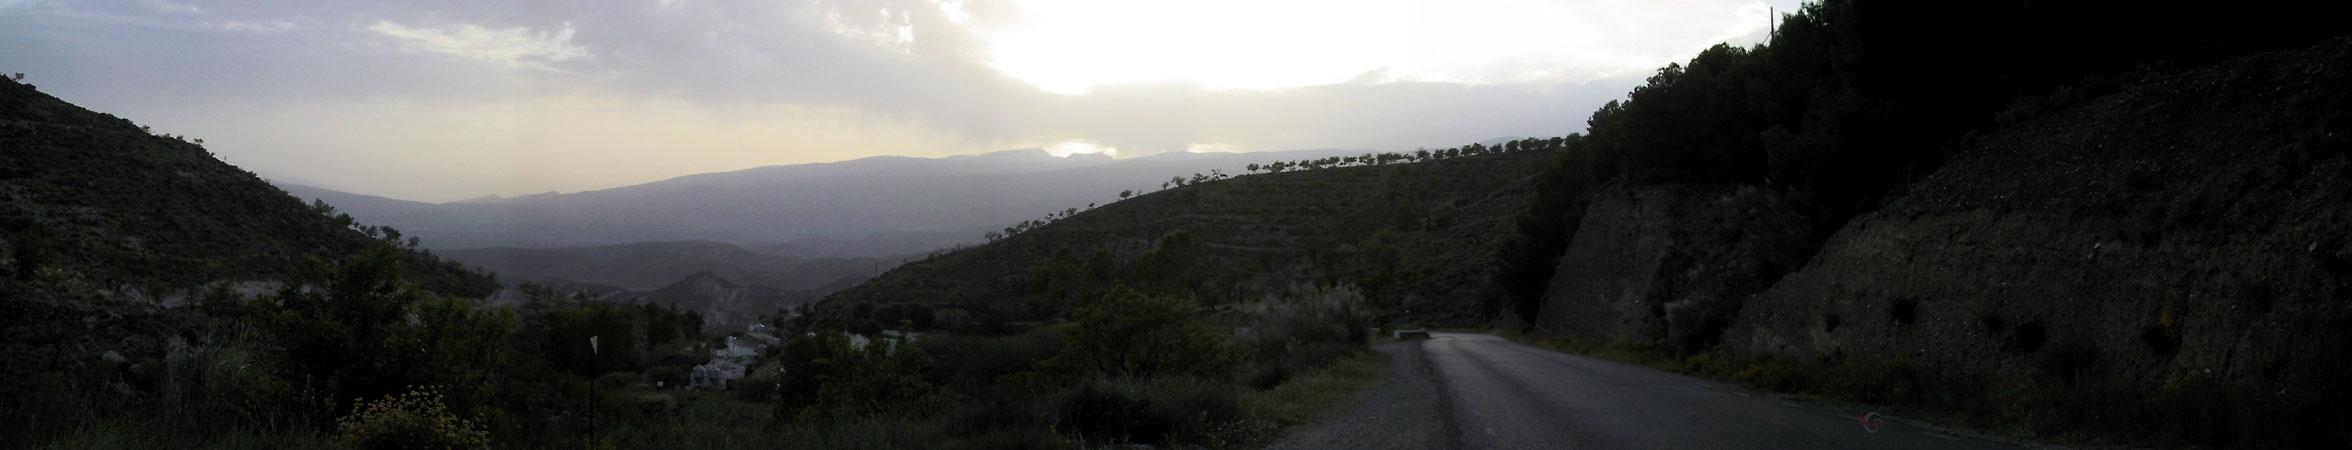 Weg door golvend landschap, naaldbomen, lila avondlucht, en wit dorpje in het dal